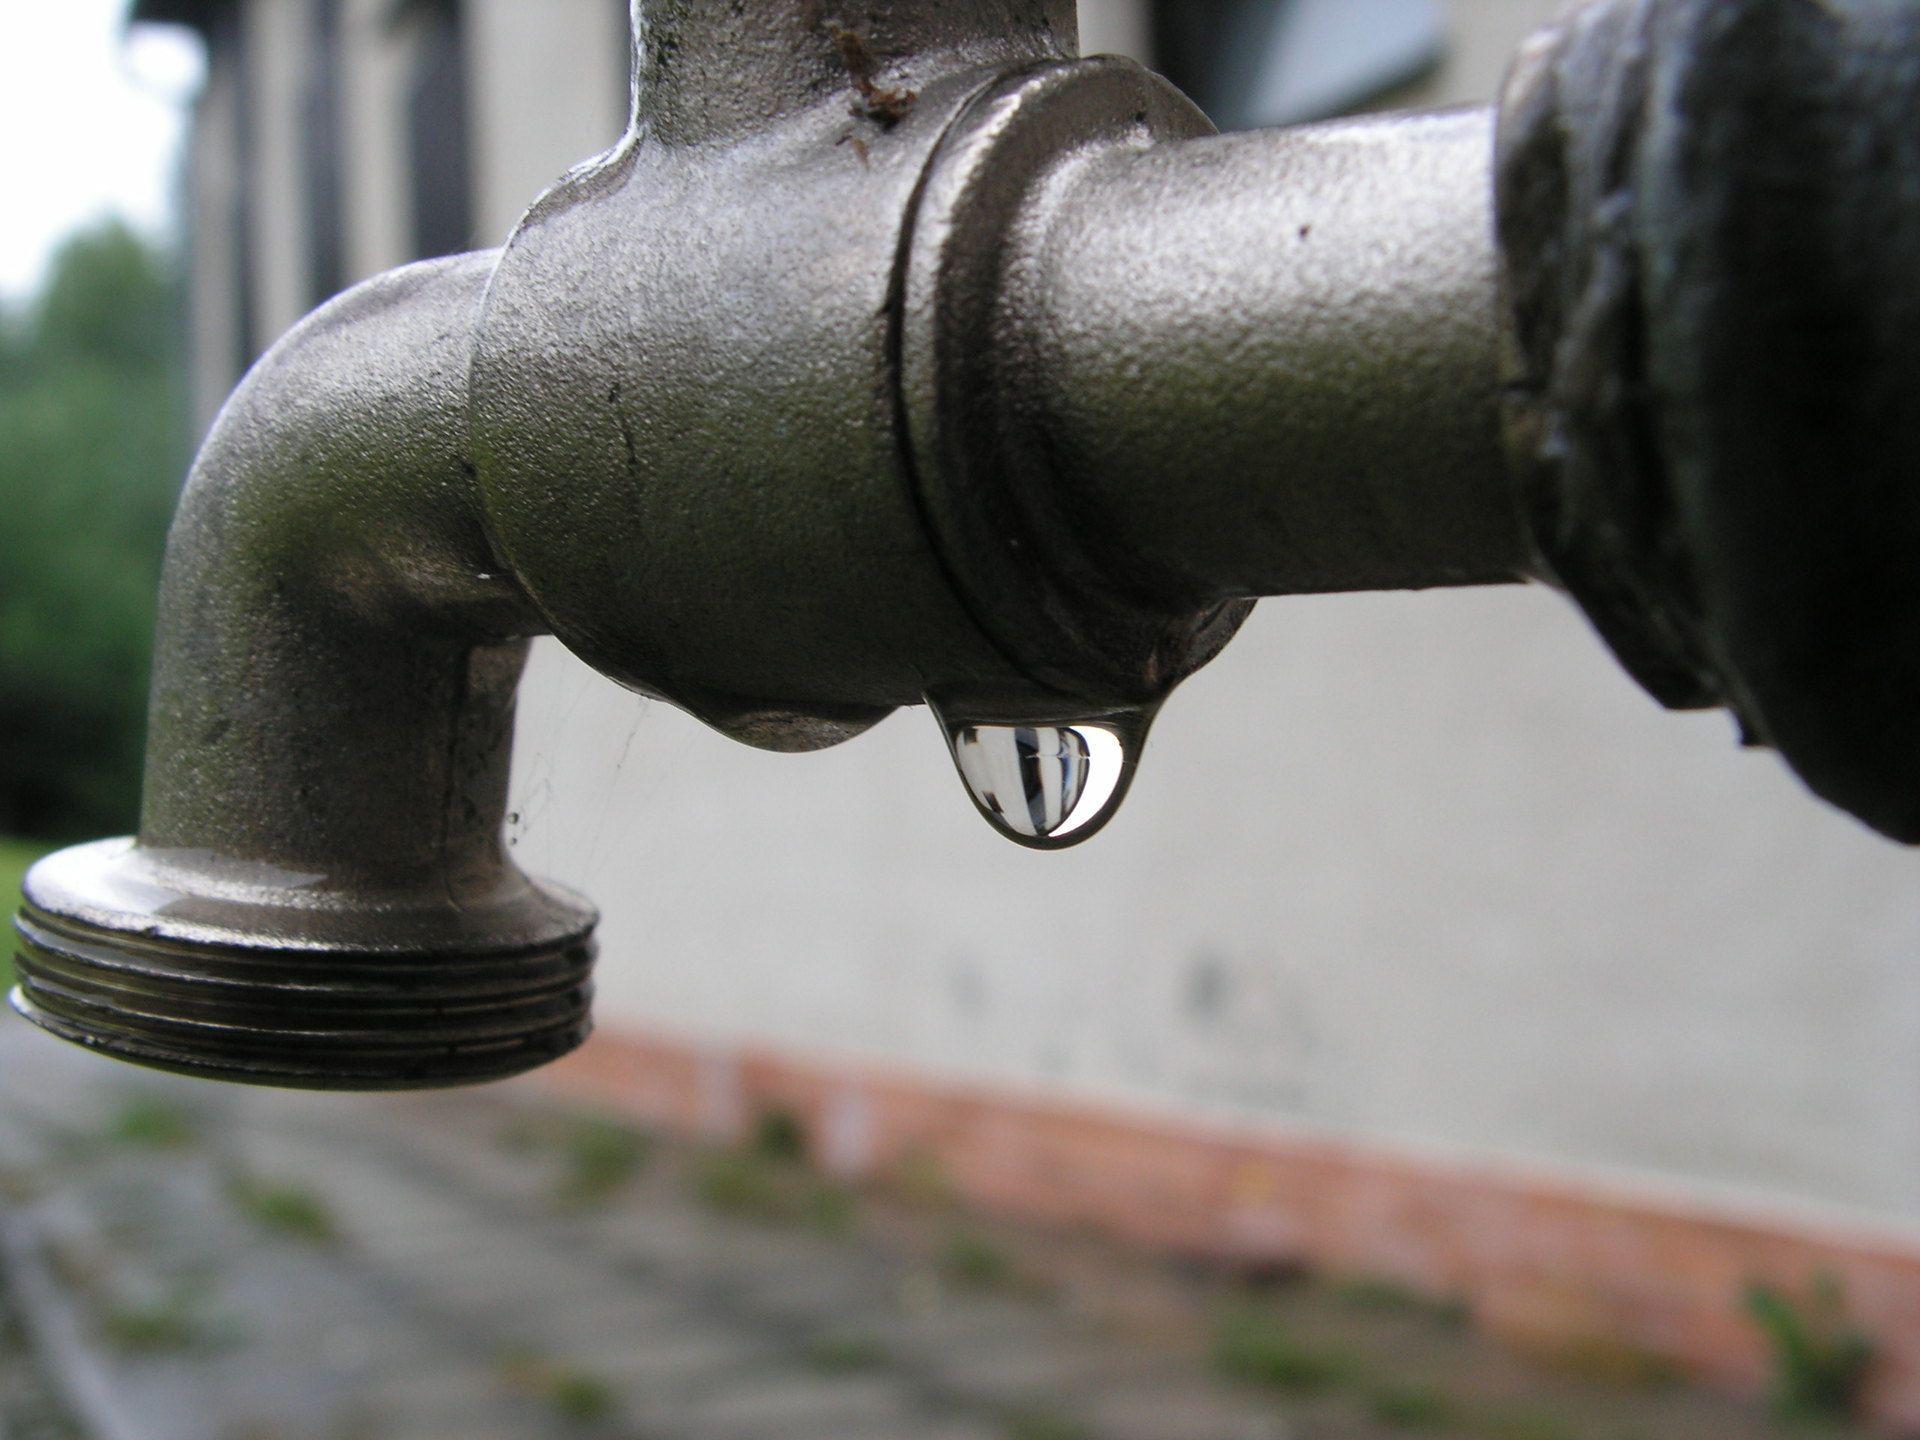 leaking-faucet-repair – Integrity Plumbing Solutions | Local ...